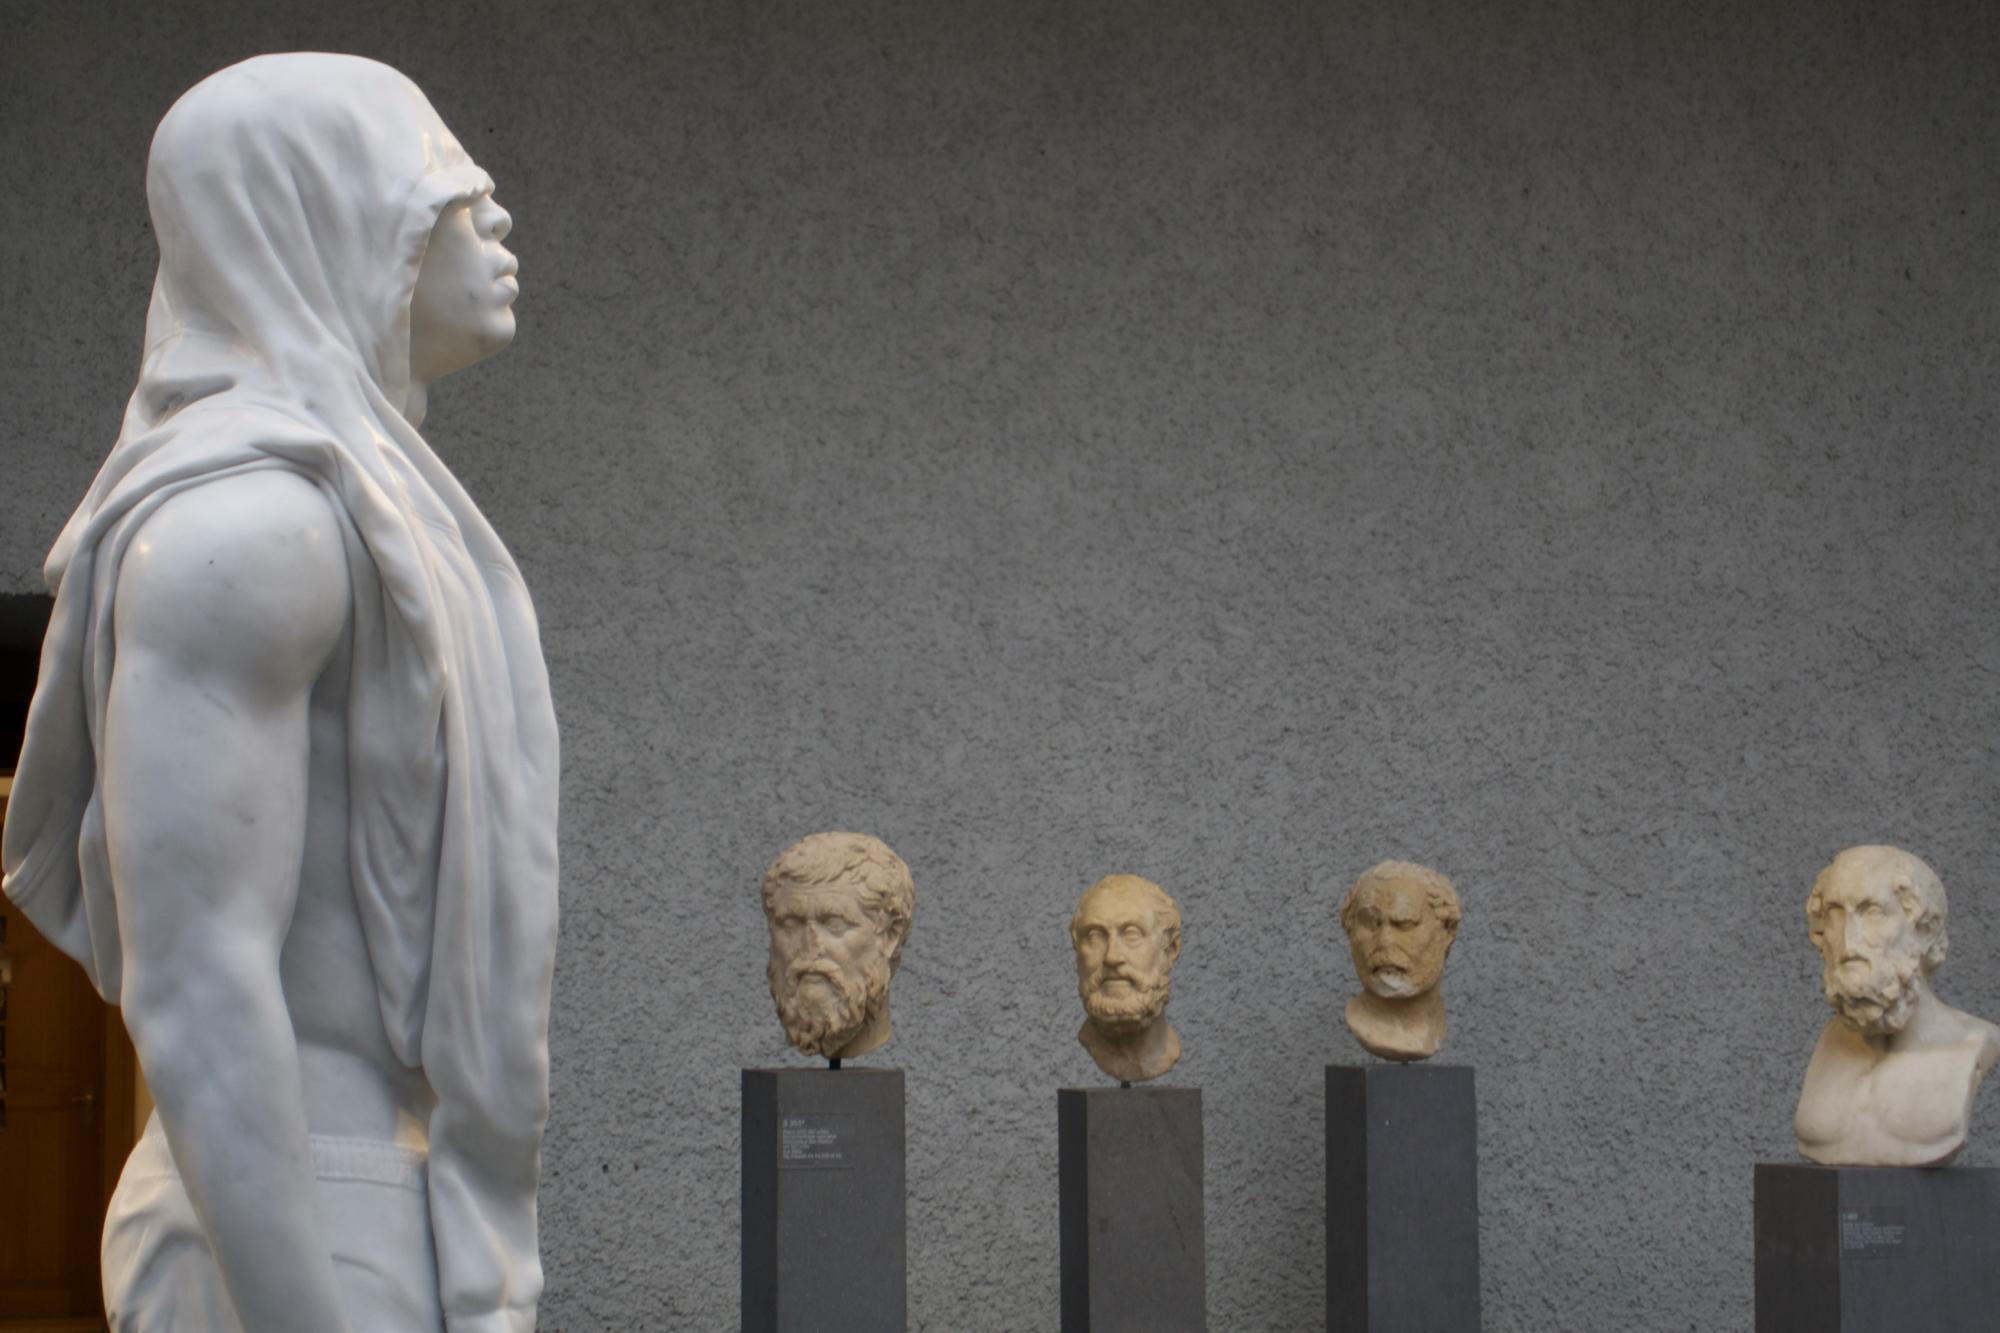 Da staunen die alten Gesichter: zeitgenössische Marmorskulptur vo0n Reza Aramesh in Gegenwart antiker Plastiken.